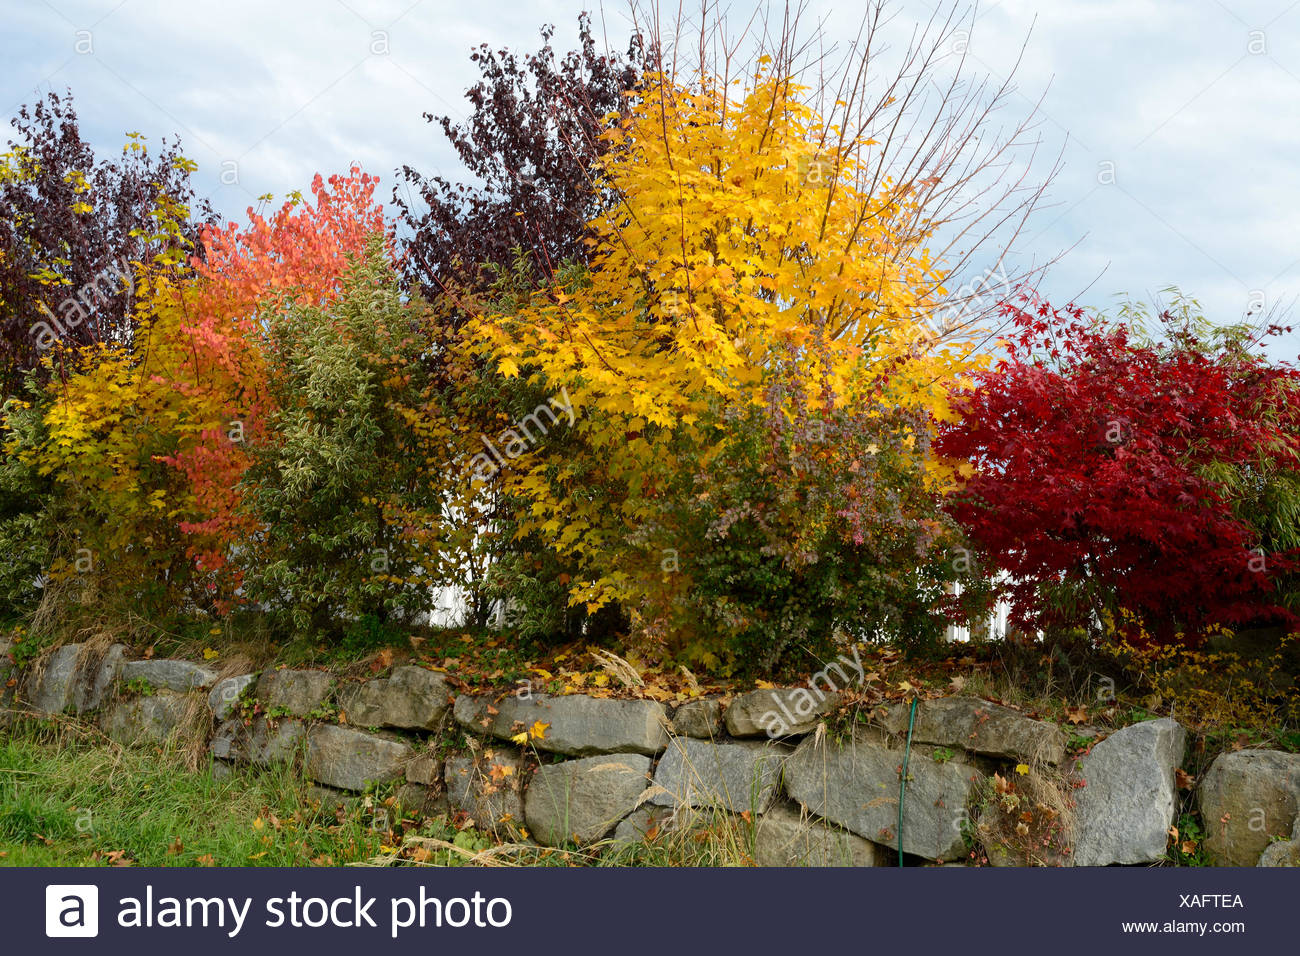 autumn shrubs for privacy Stock Photo